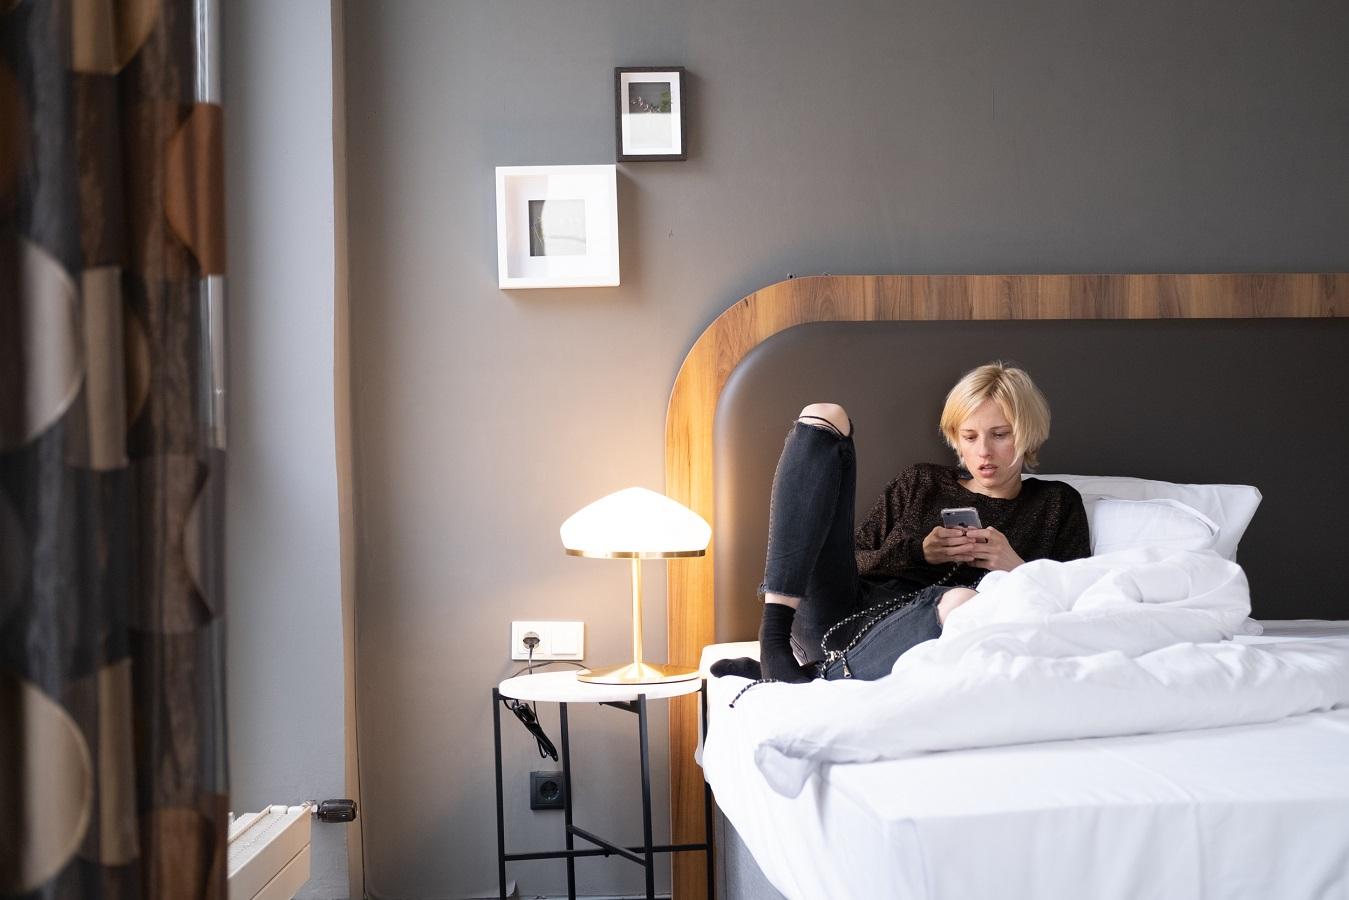 Koncept Hotel Liebelei in Vienna near Schönbrunn Castle